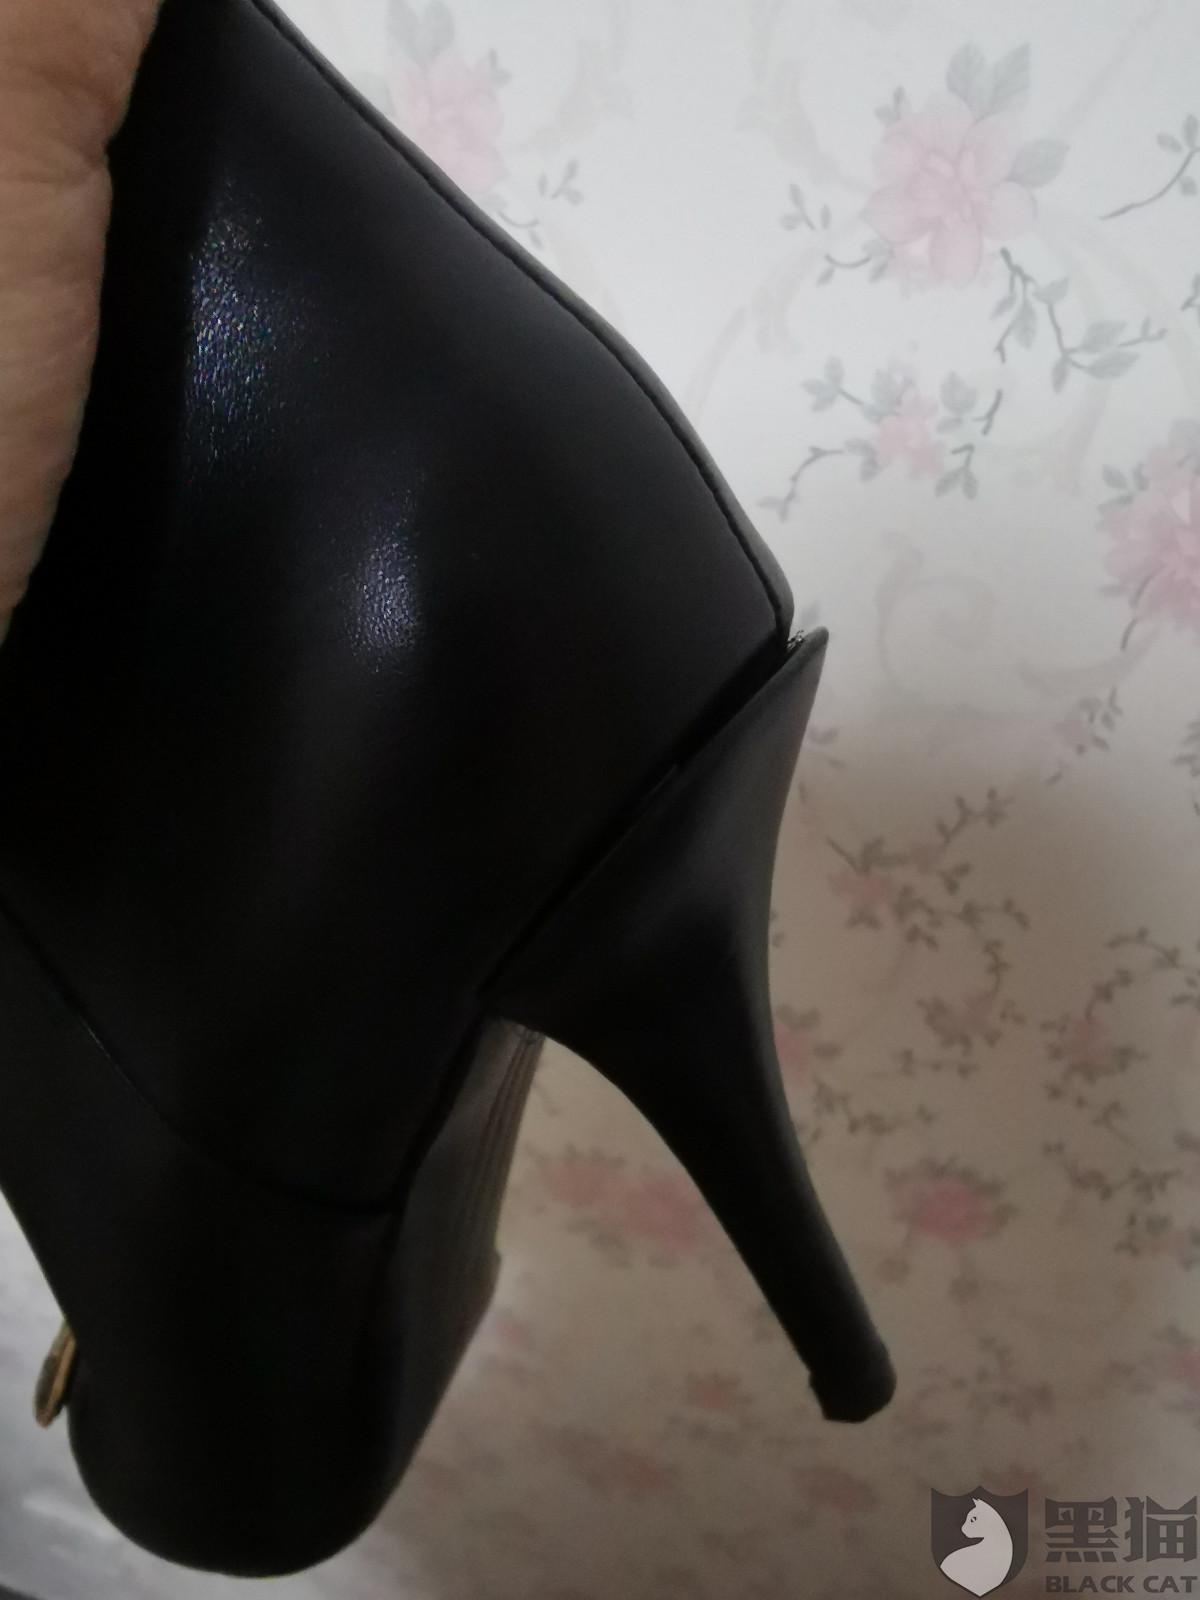 黑猫投诉:投诉北京老佛爷stellaluna店女鞋,高跟鞋整个后跟,开胶,门店不予处理